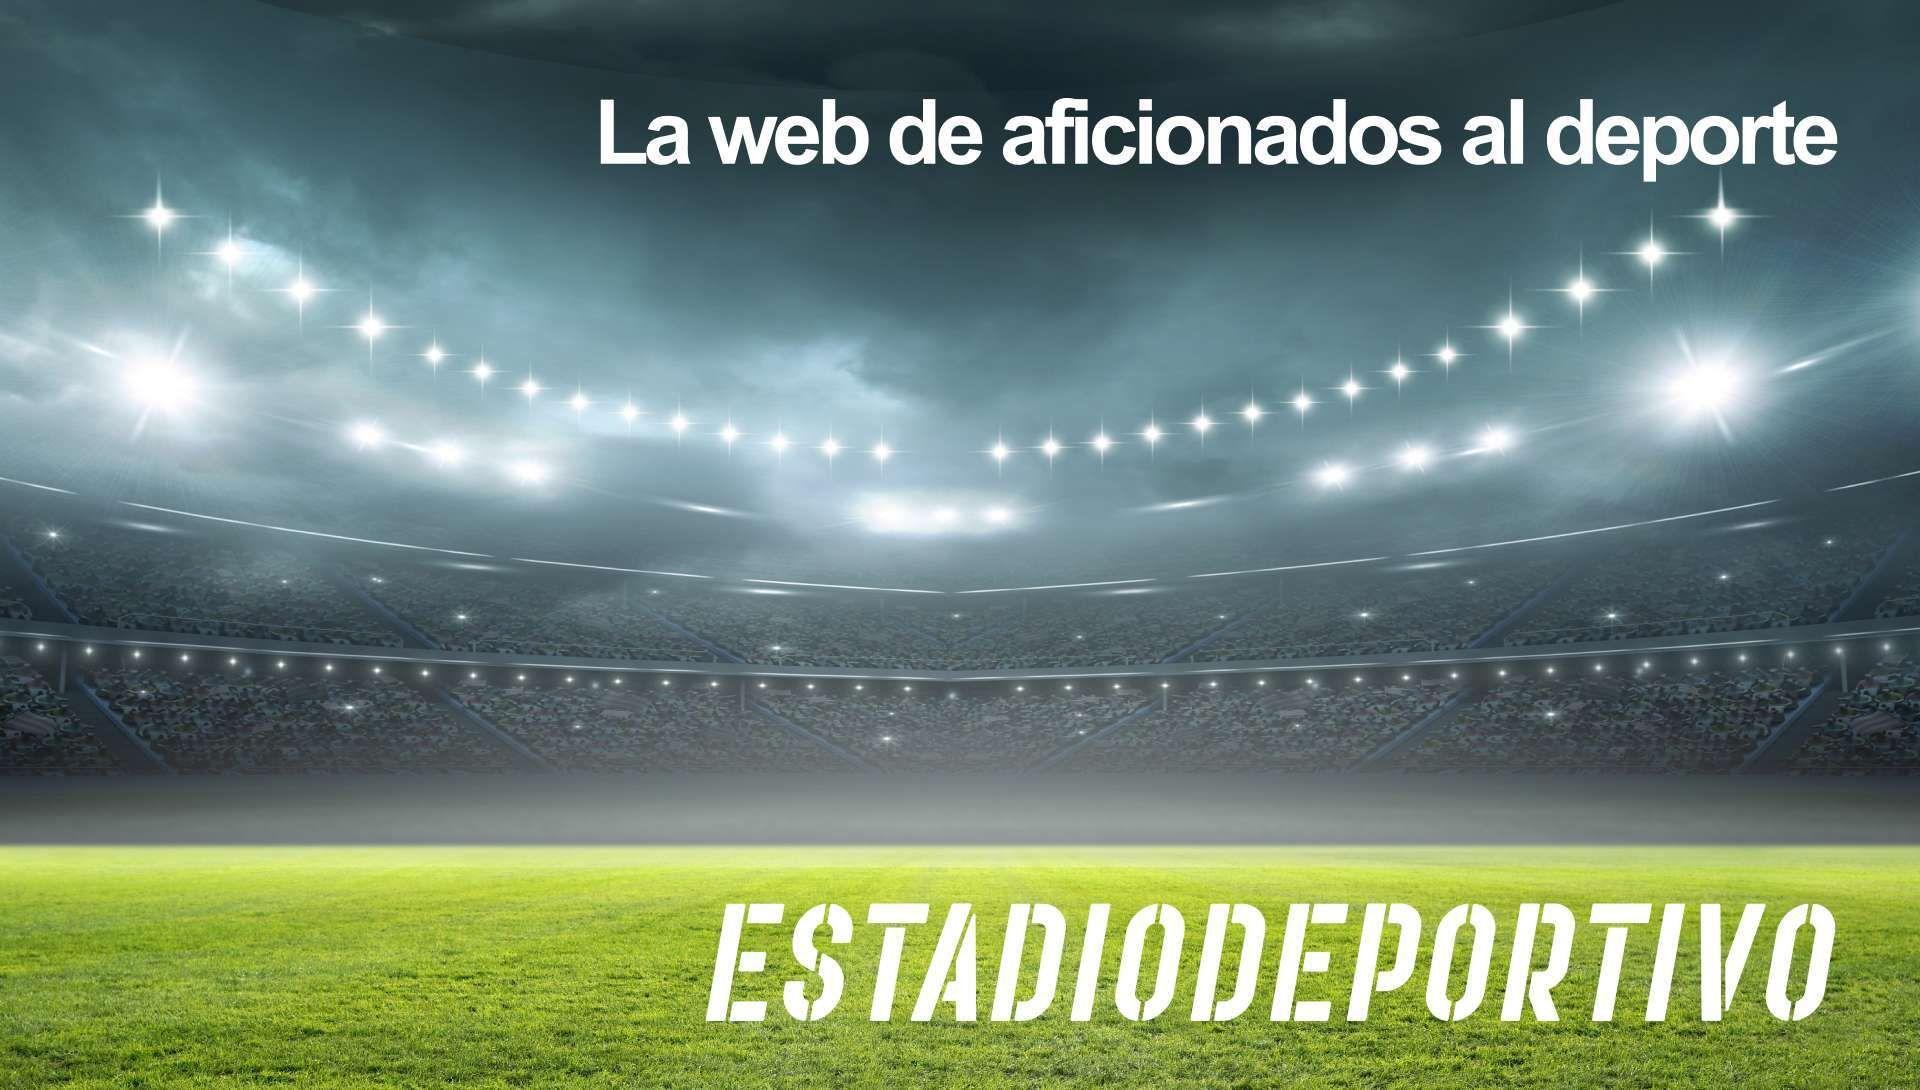 Las portadas del jueves 9 de septiembre